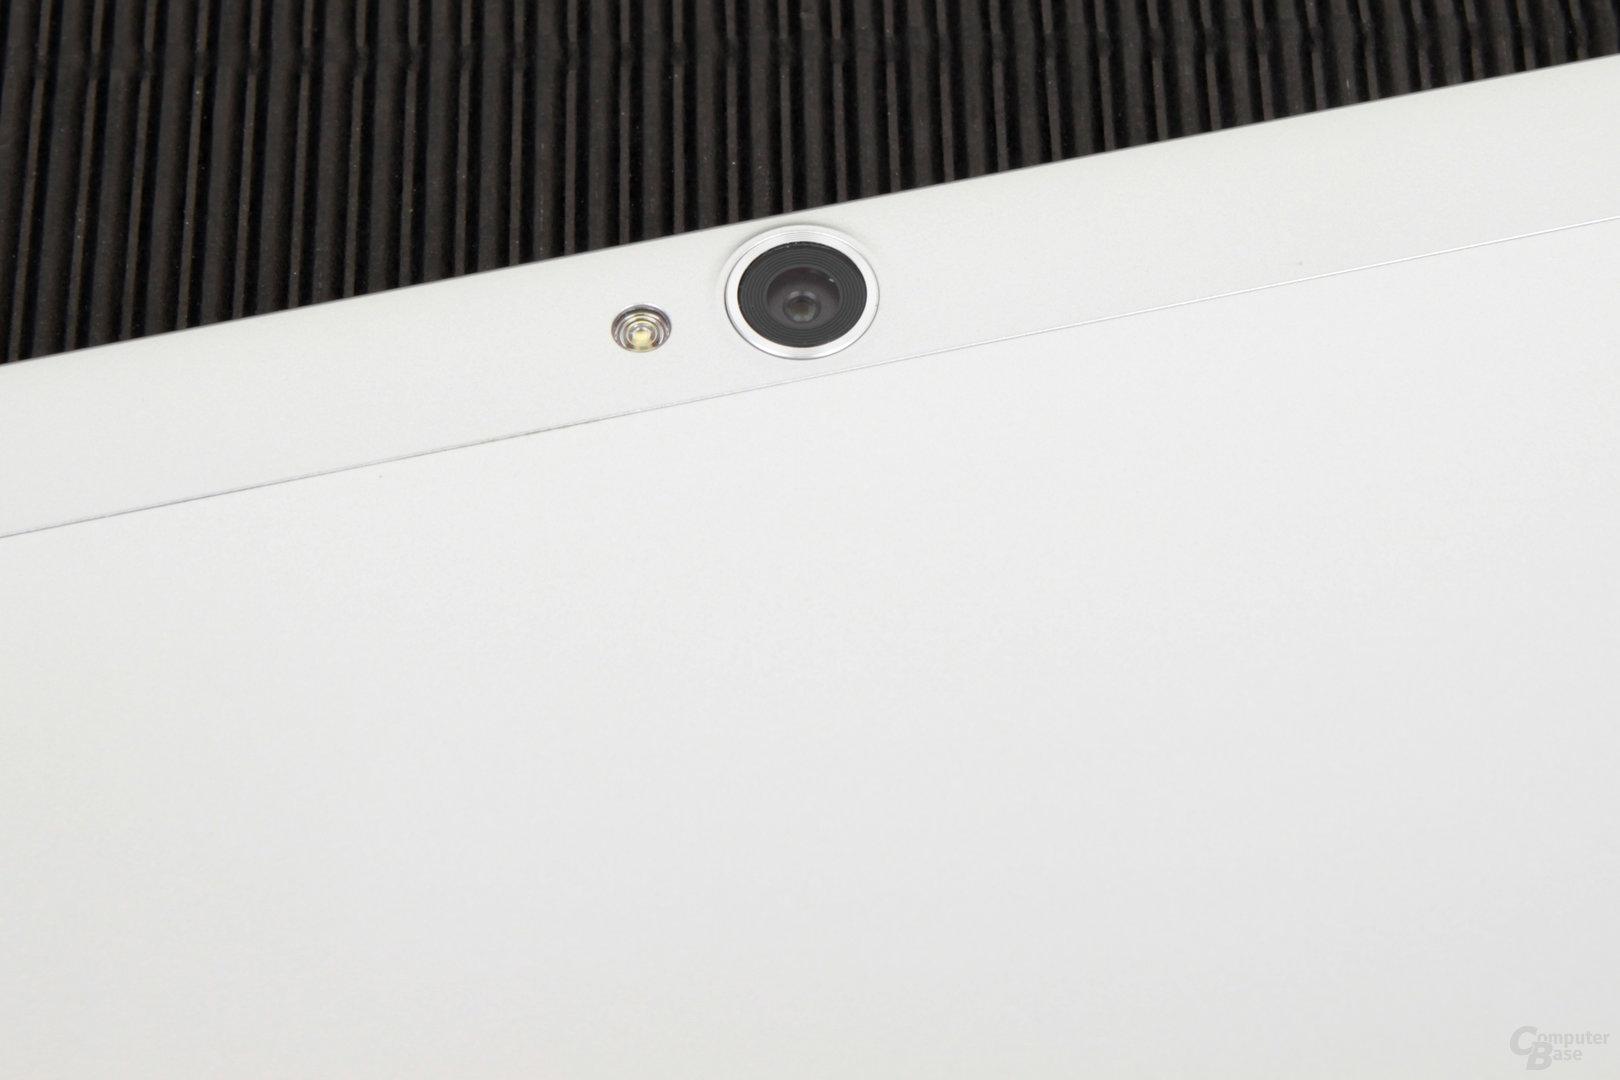 Eine für ein Tablet sehr hoch auflösende Kamera